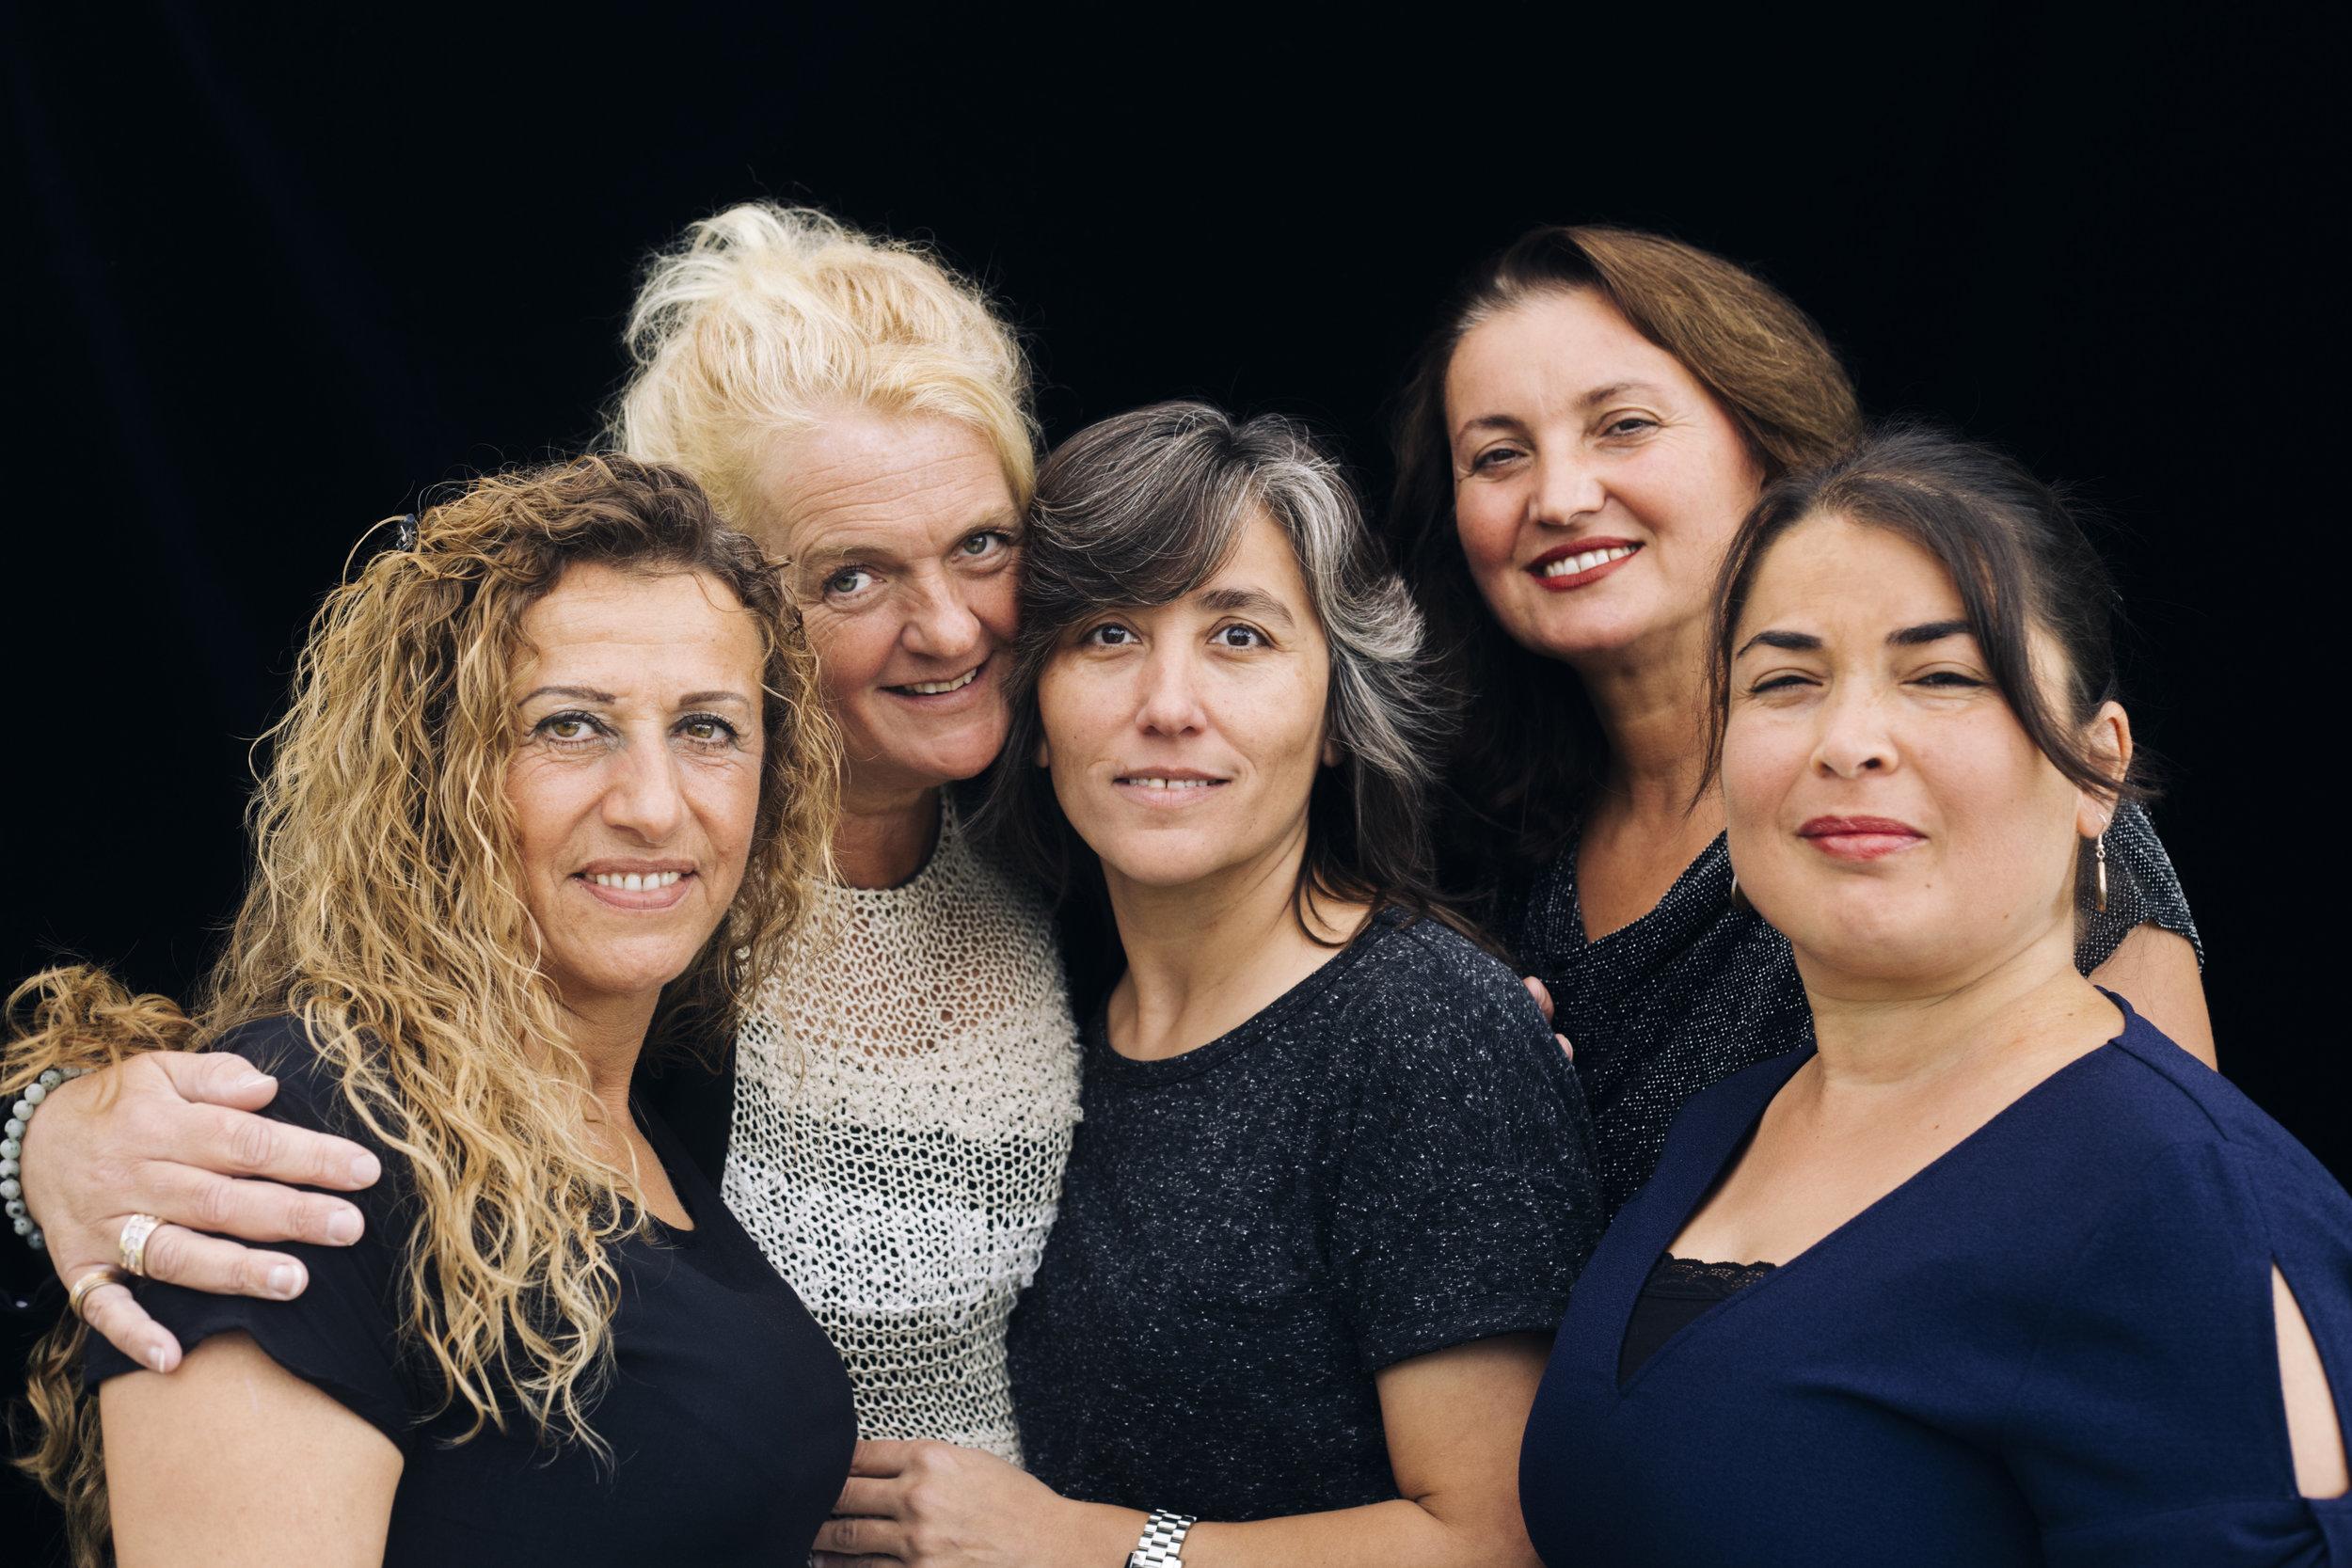 Ebru, Jolanda, Safira, Birsen & Hatice. Buurtrainers van Vrouw en Vaart en zwemdocent.